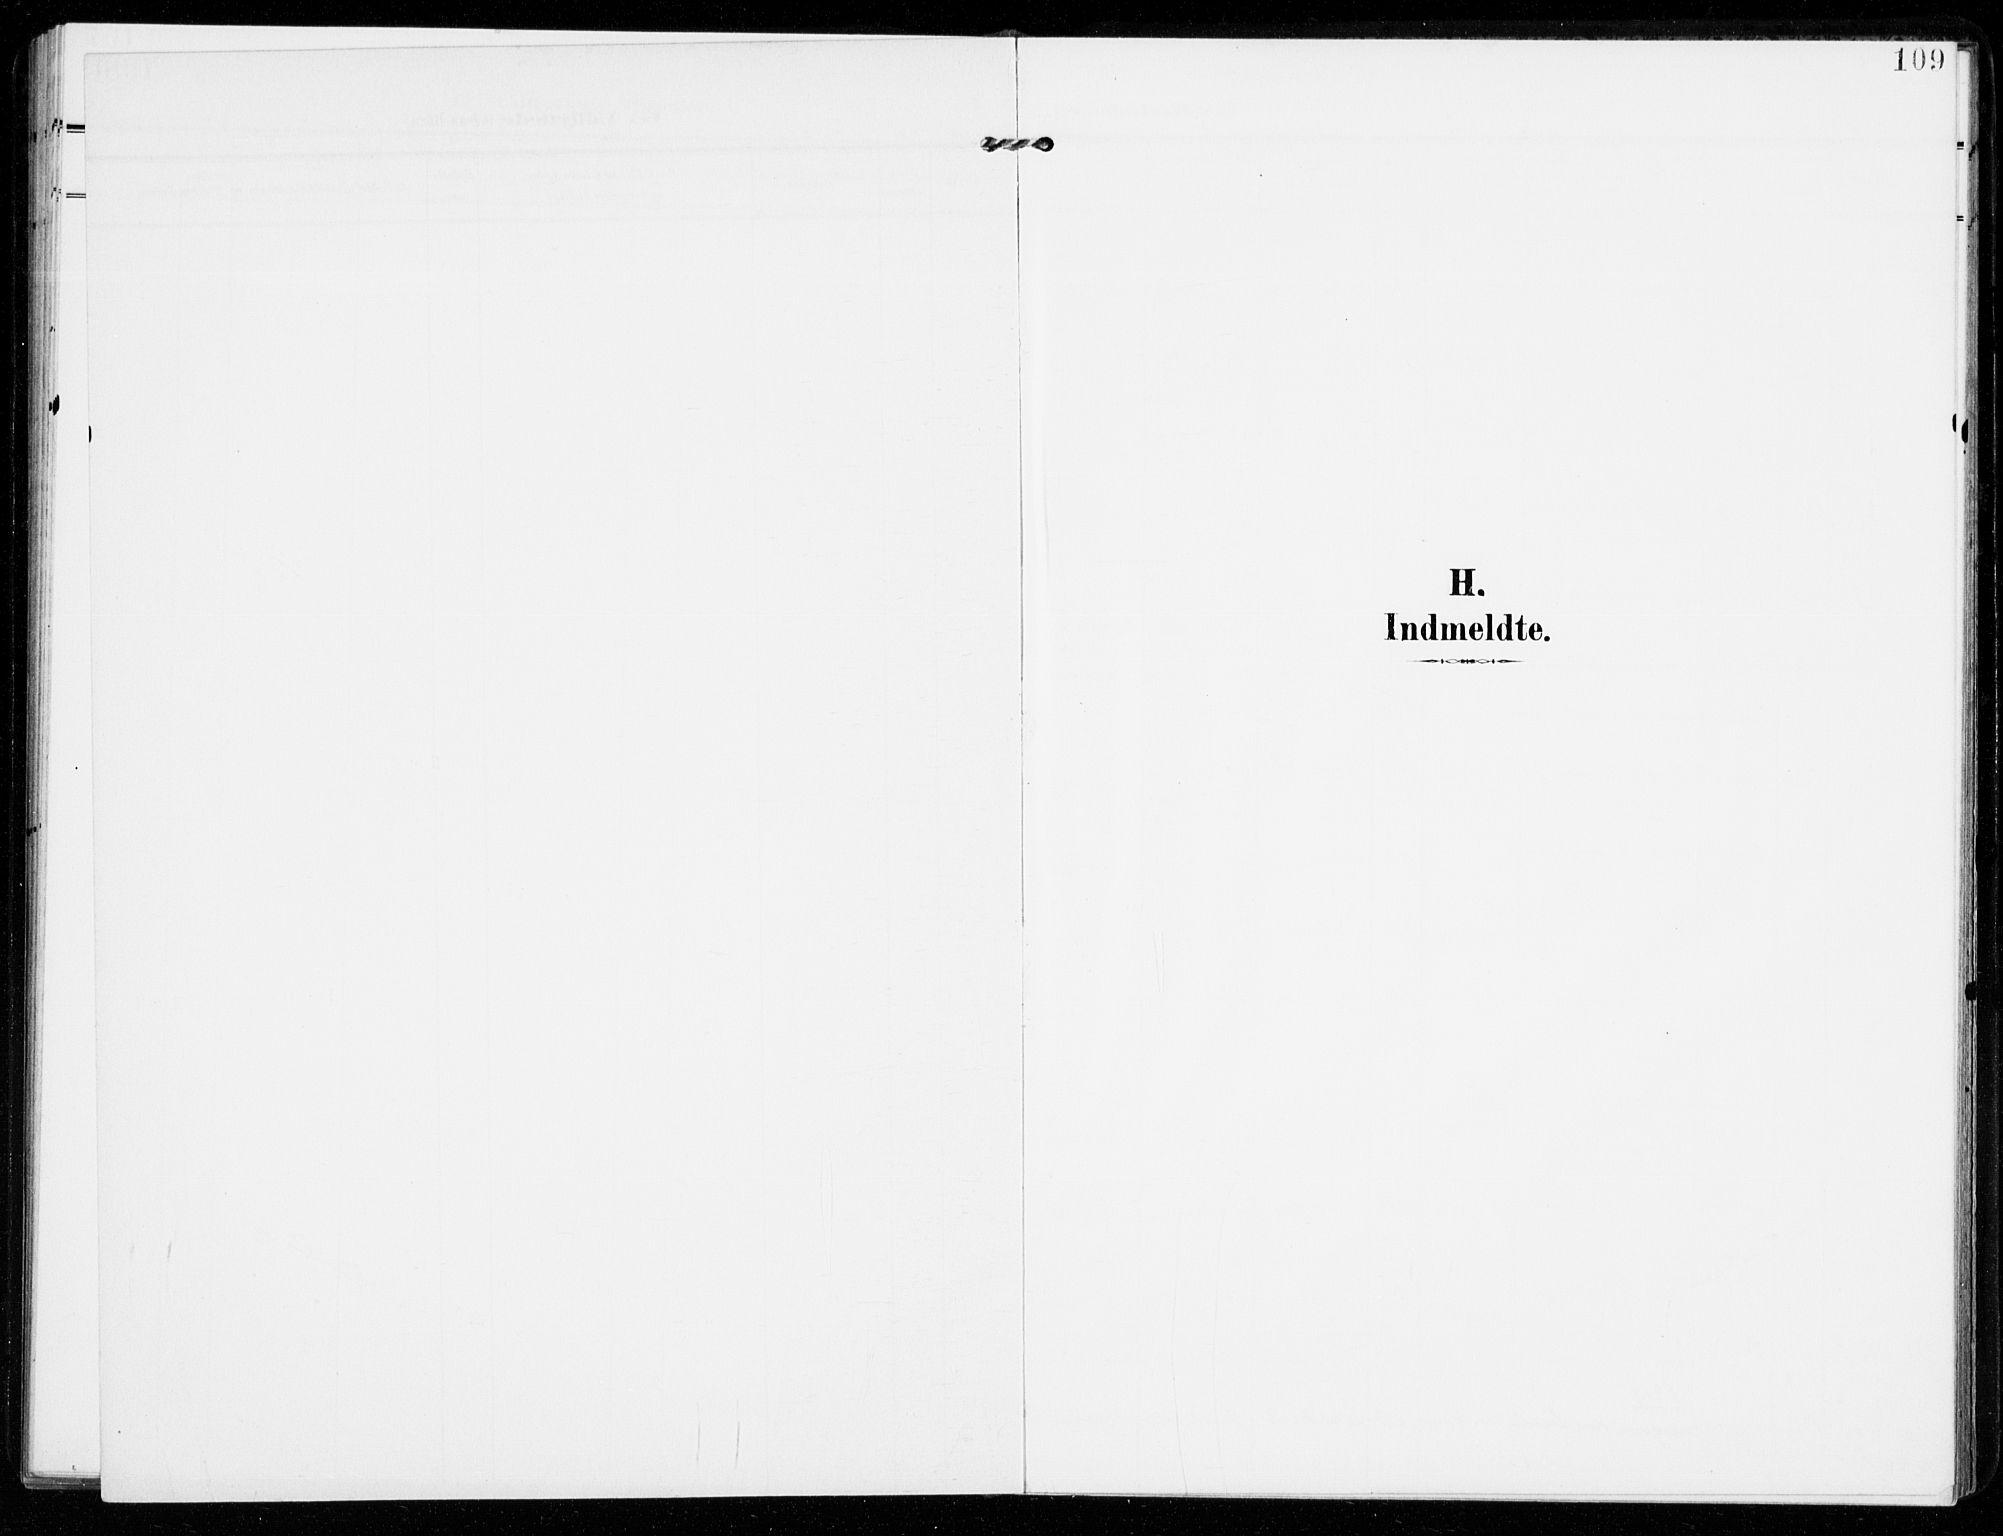 SAKO, Sandar kirkebøker, F/Fa/L0019: Ministerialbok nr. 19, 1908-1914, s. 109